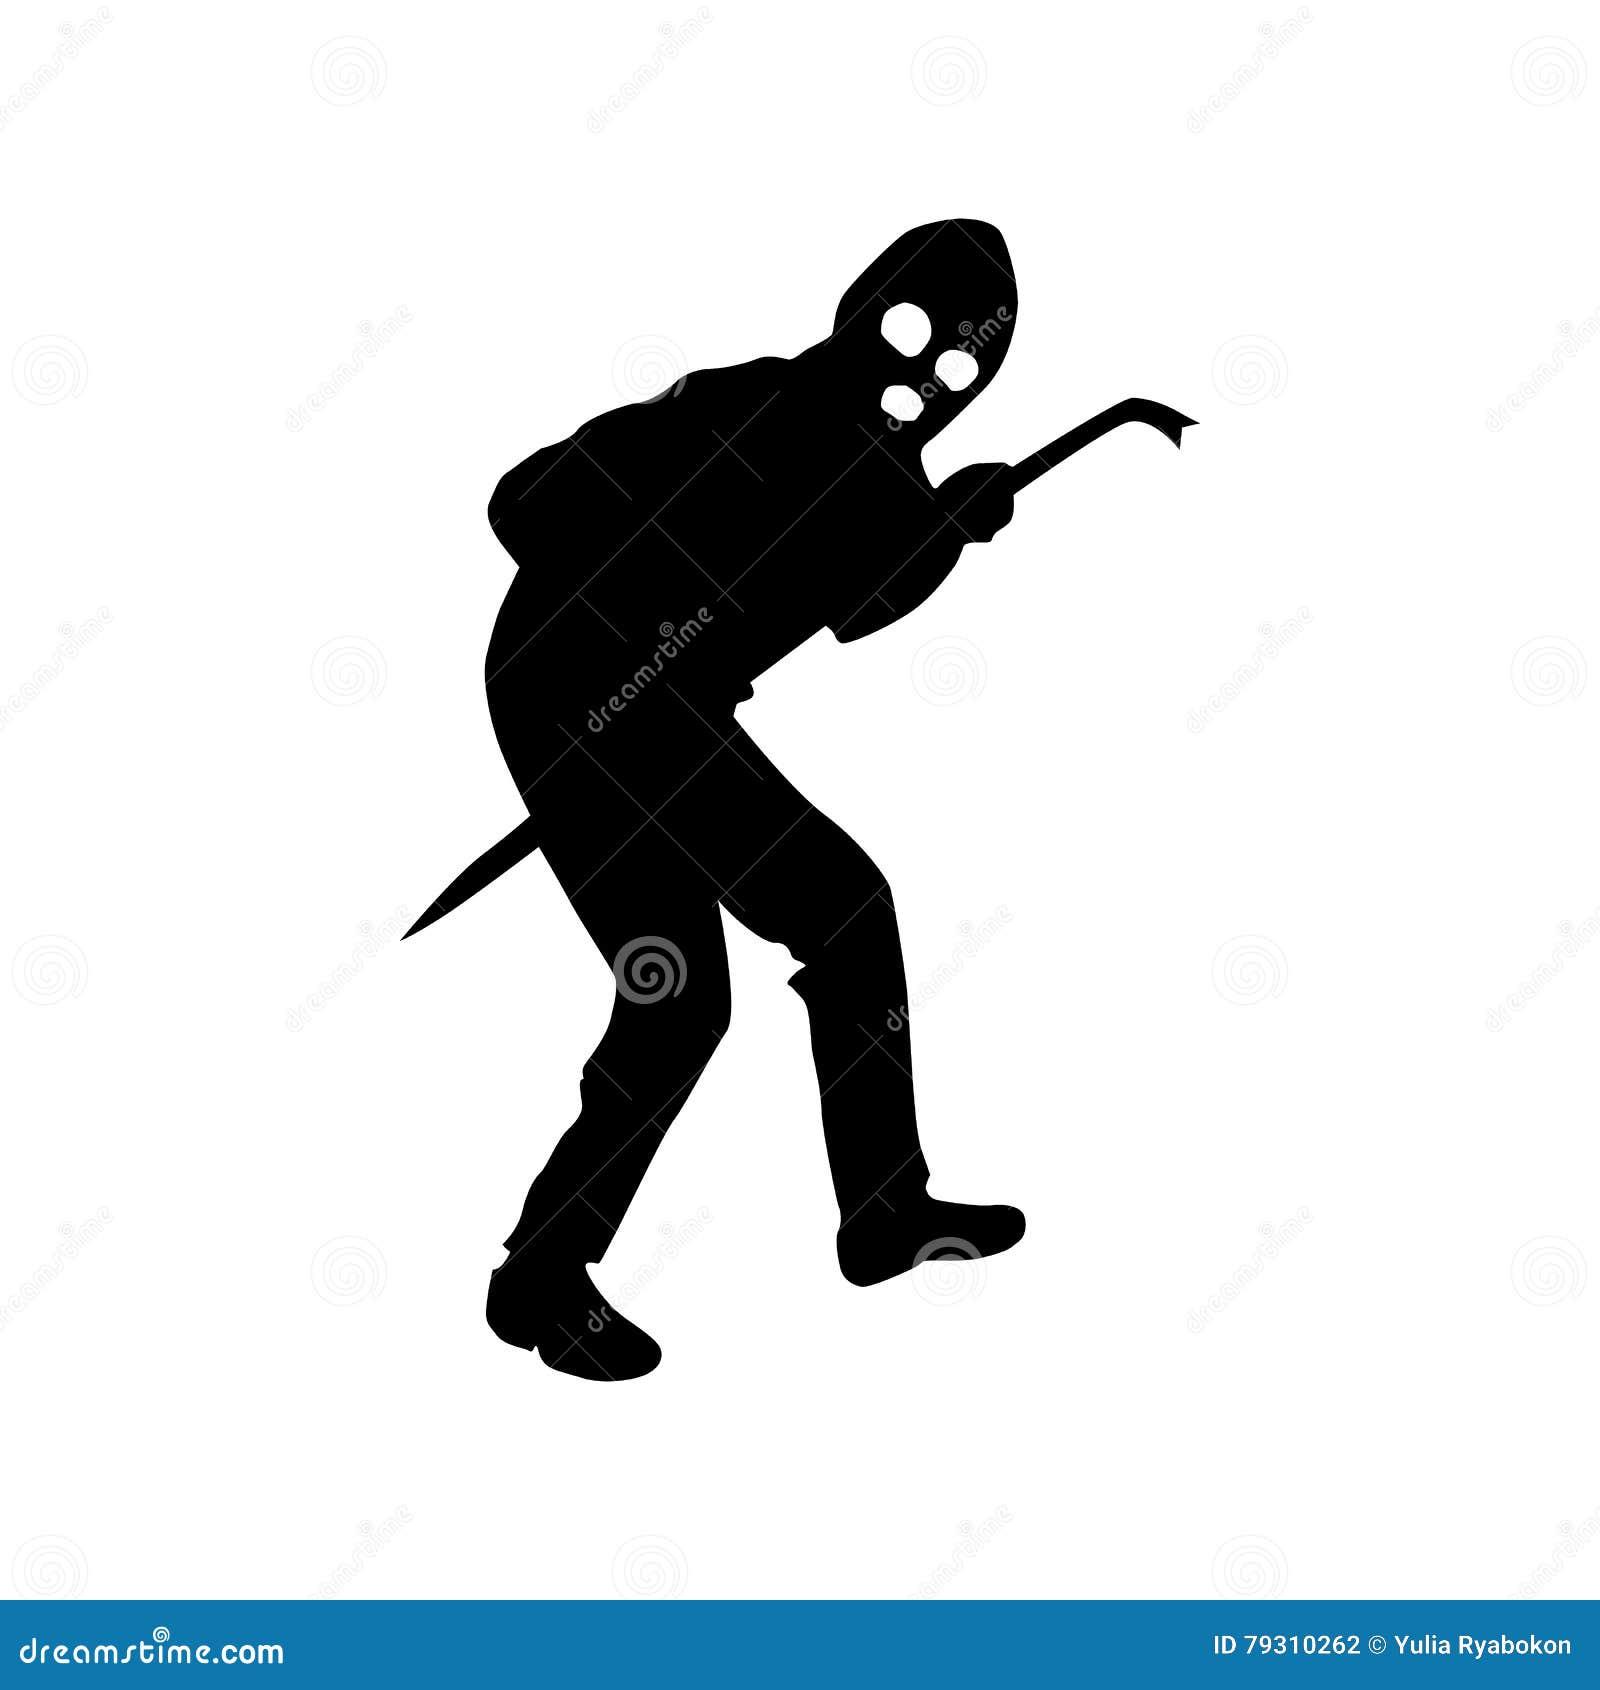 Robber Silhouette Black Vector Illustration